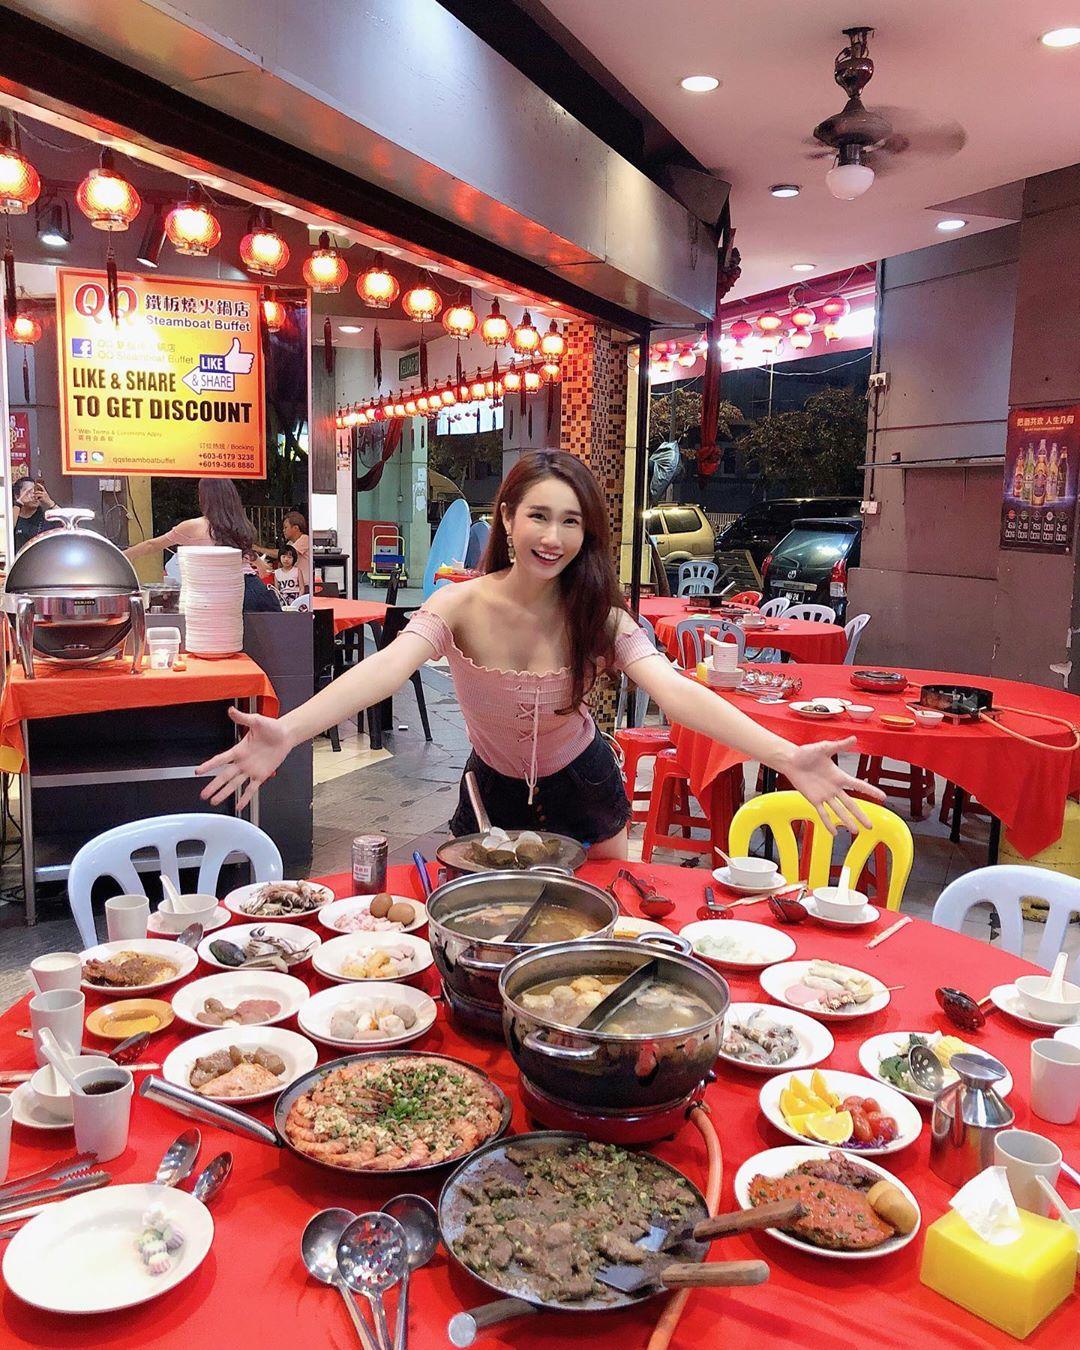 馬來西亞知名網紅 Wan Li - 美女圖 -